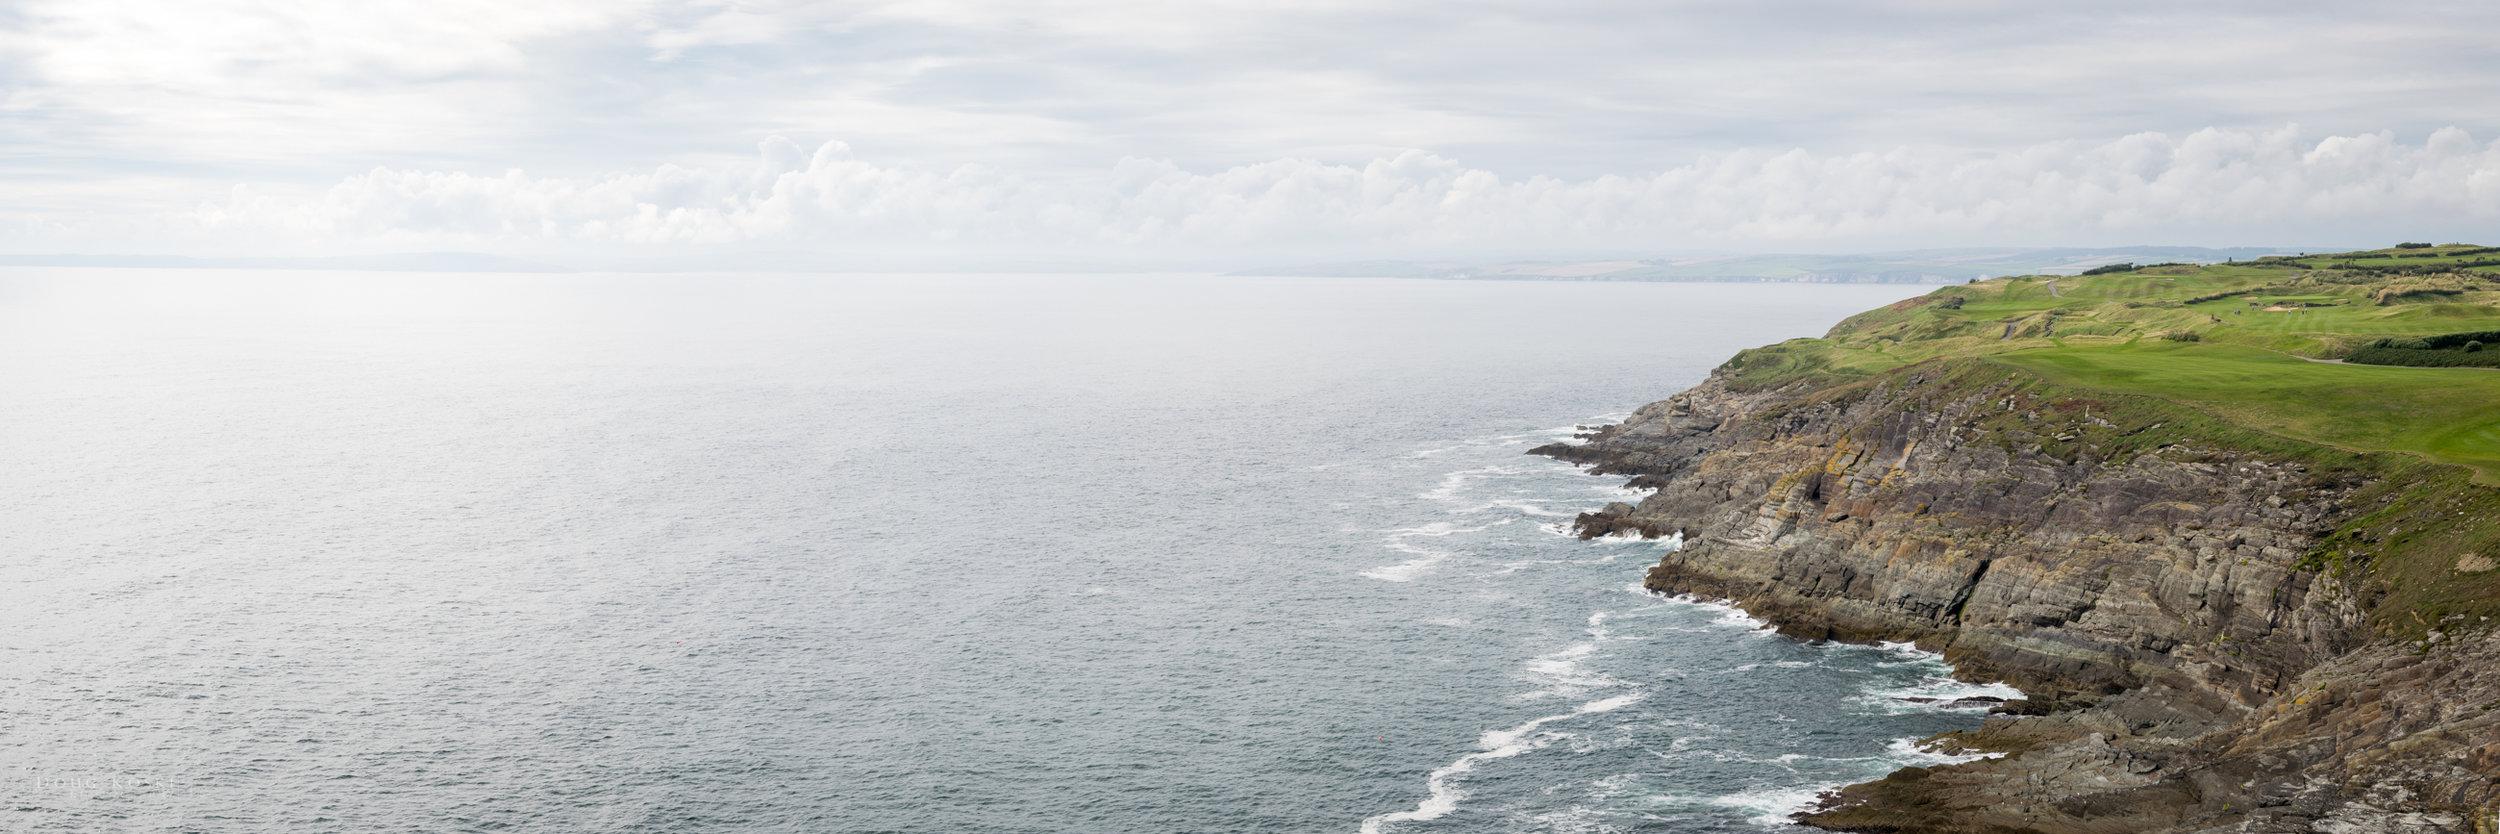 Irish Coast off Old Head